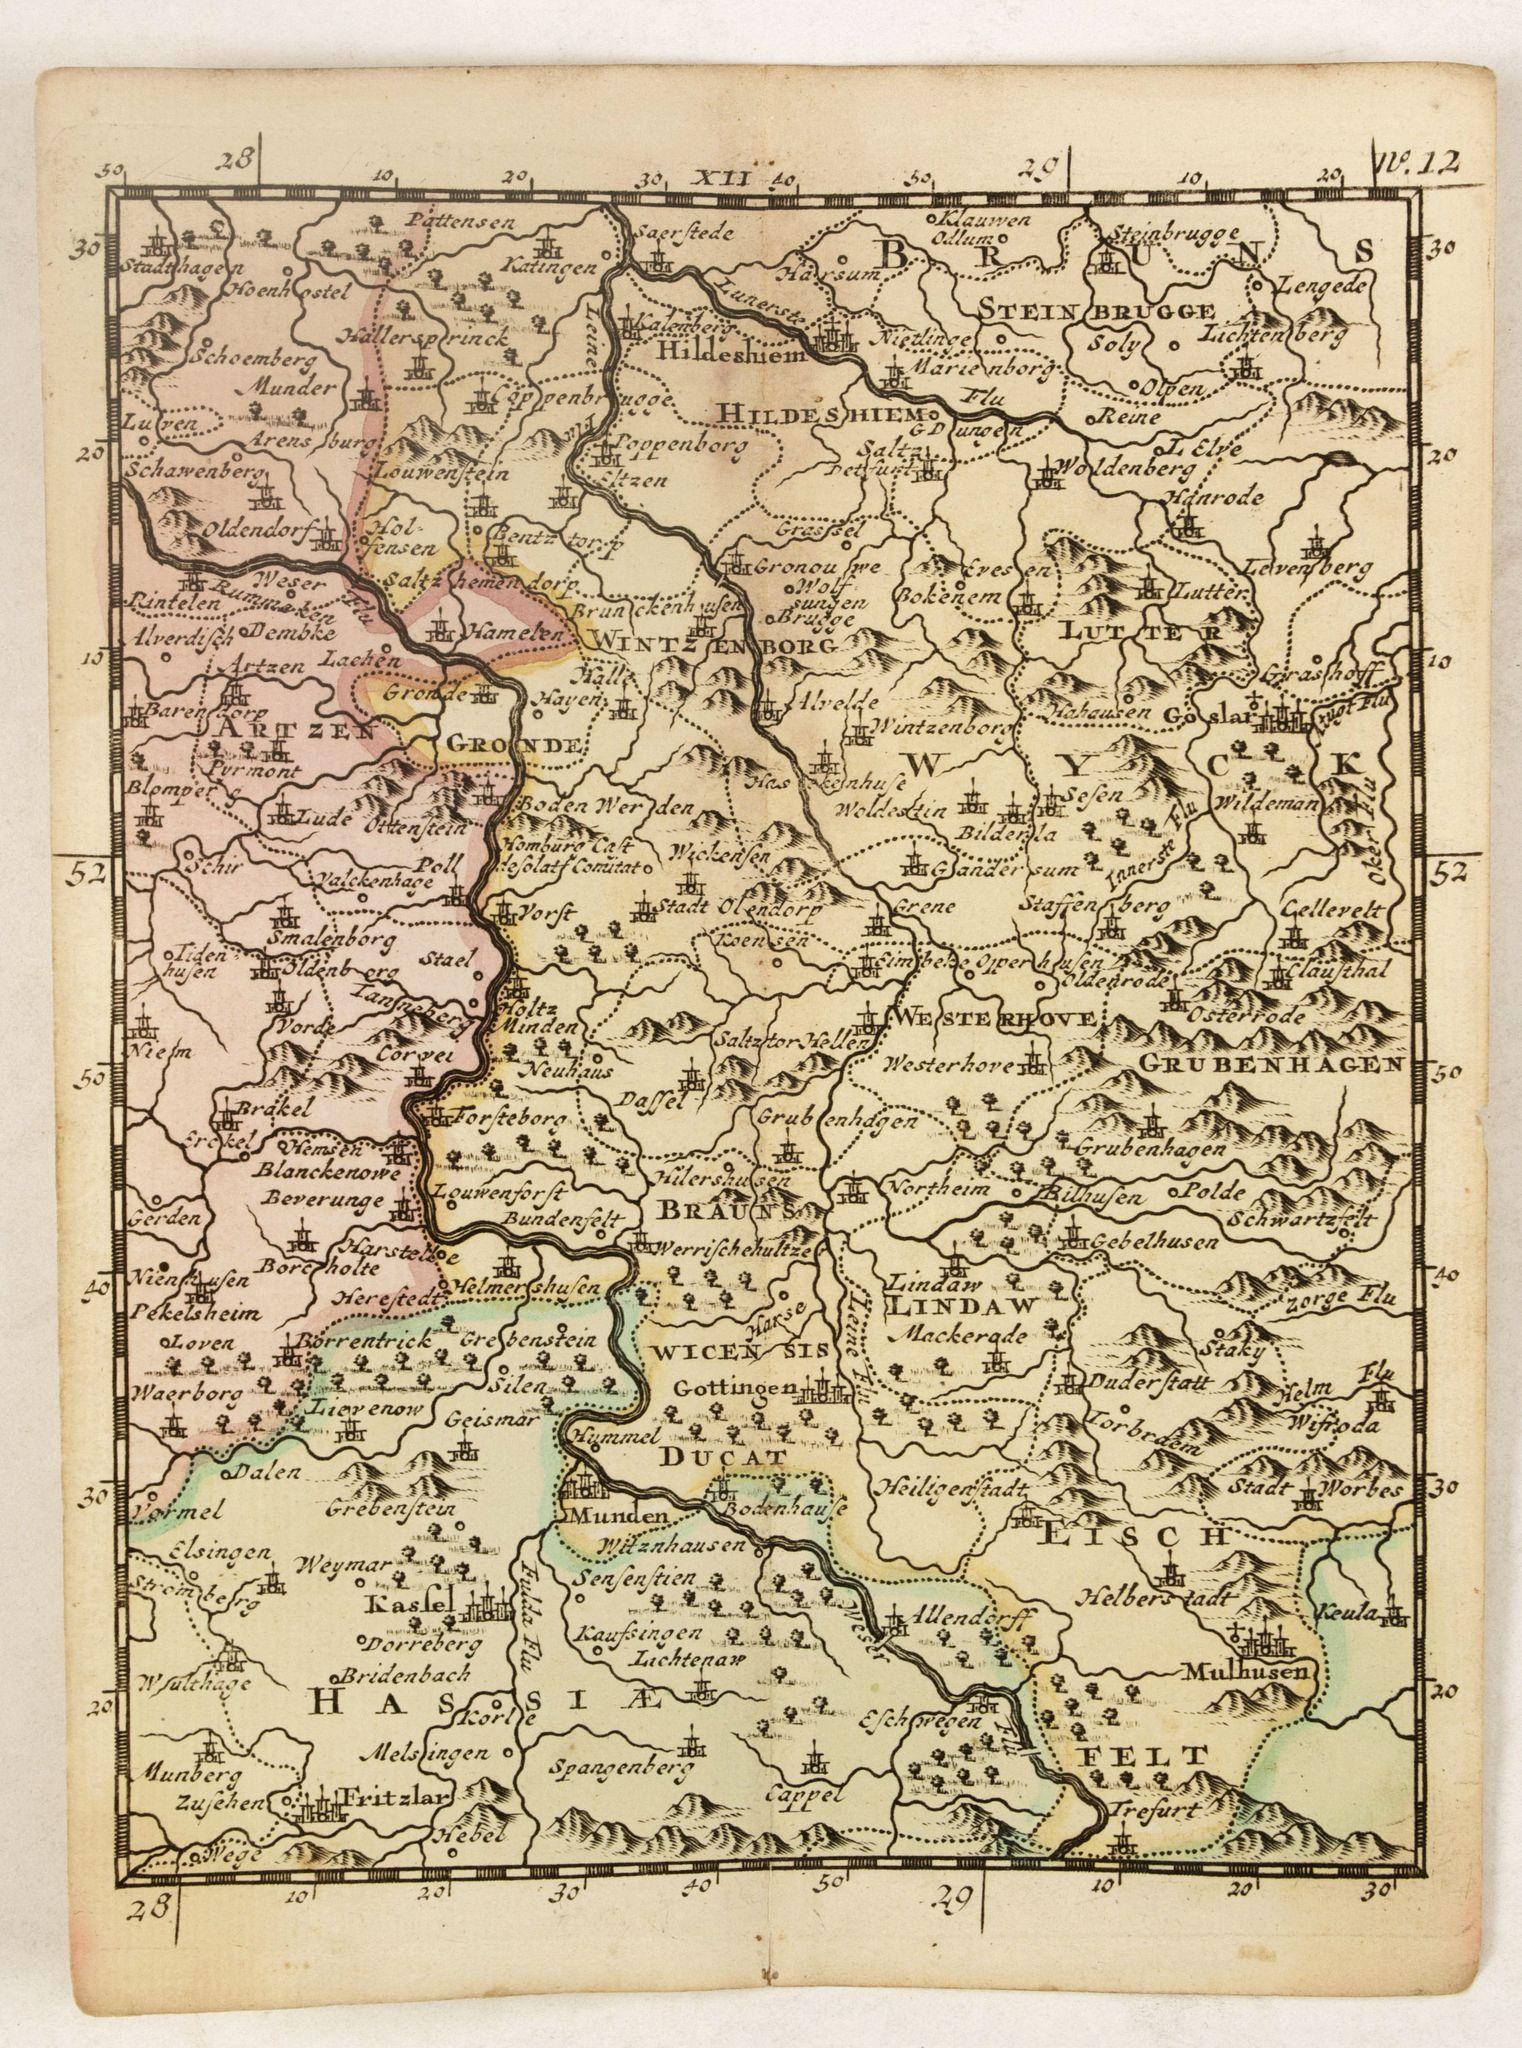 SCHENK, P. -  (Hildesheim, Munden, Steinbrugge, Grubenhagen,  etc.)